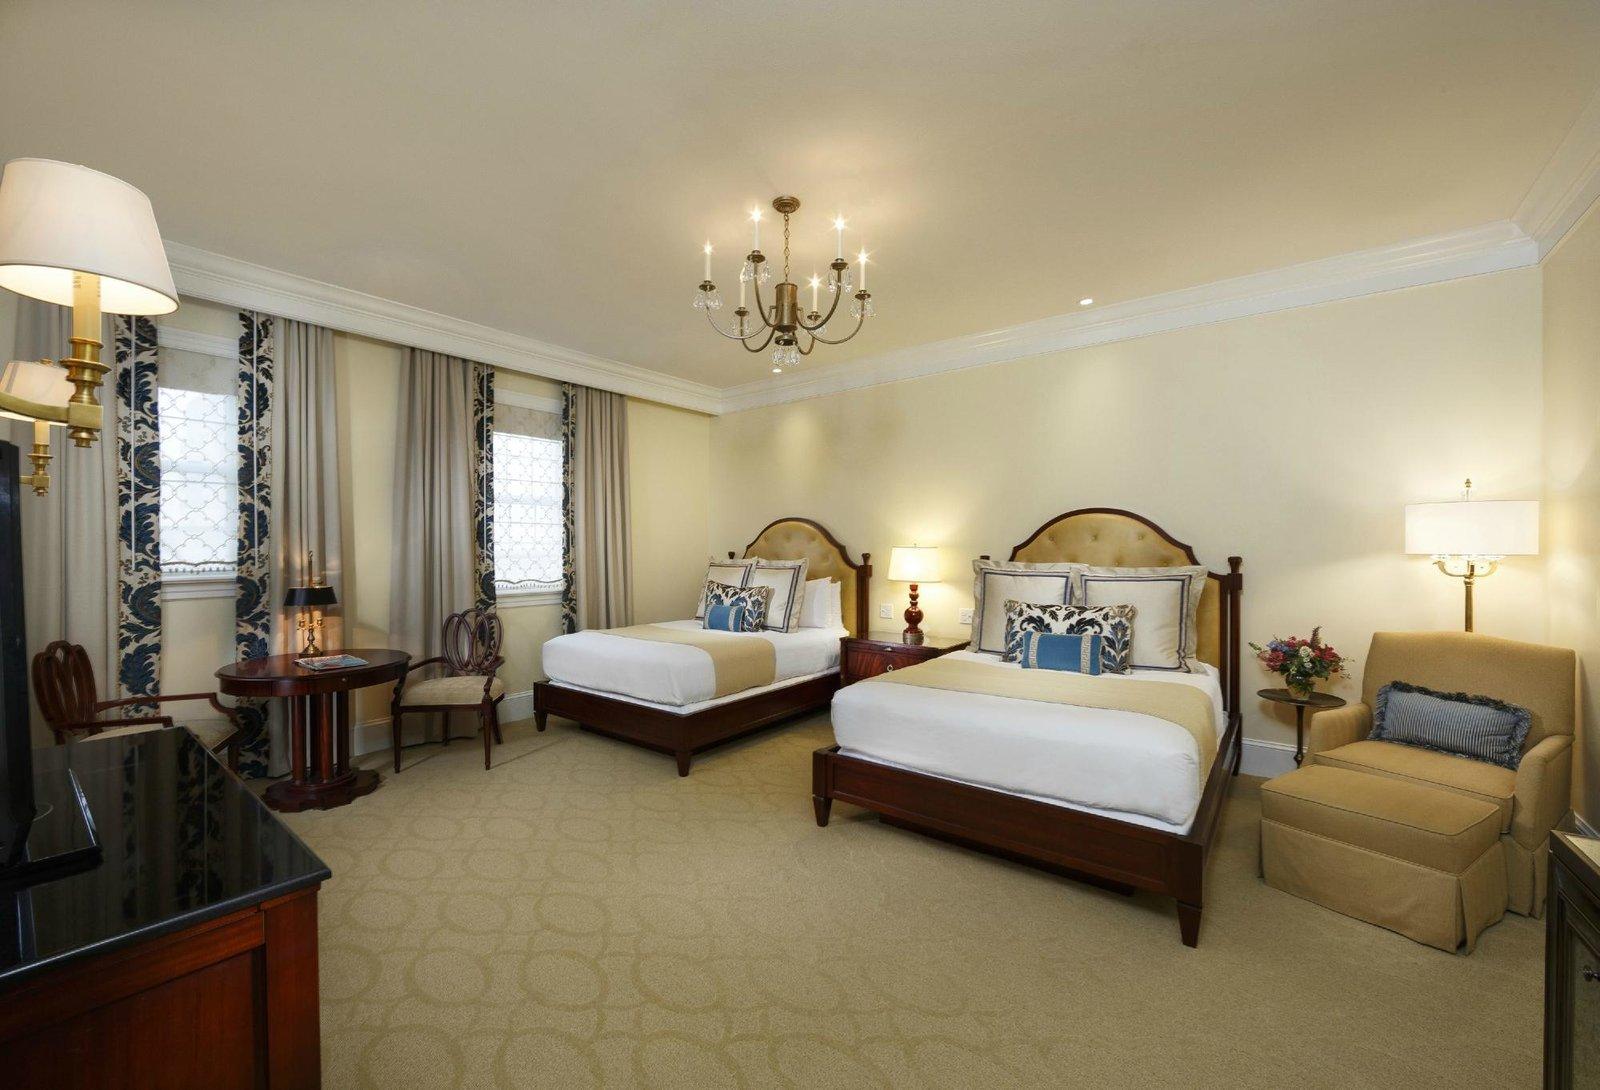 Bedroom, Bed, Floor Lighting, Chair, Carpet Floor, Table Lighting, and Night Stands  Jefferson Hotel